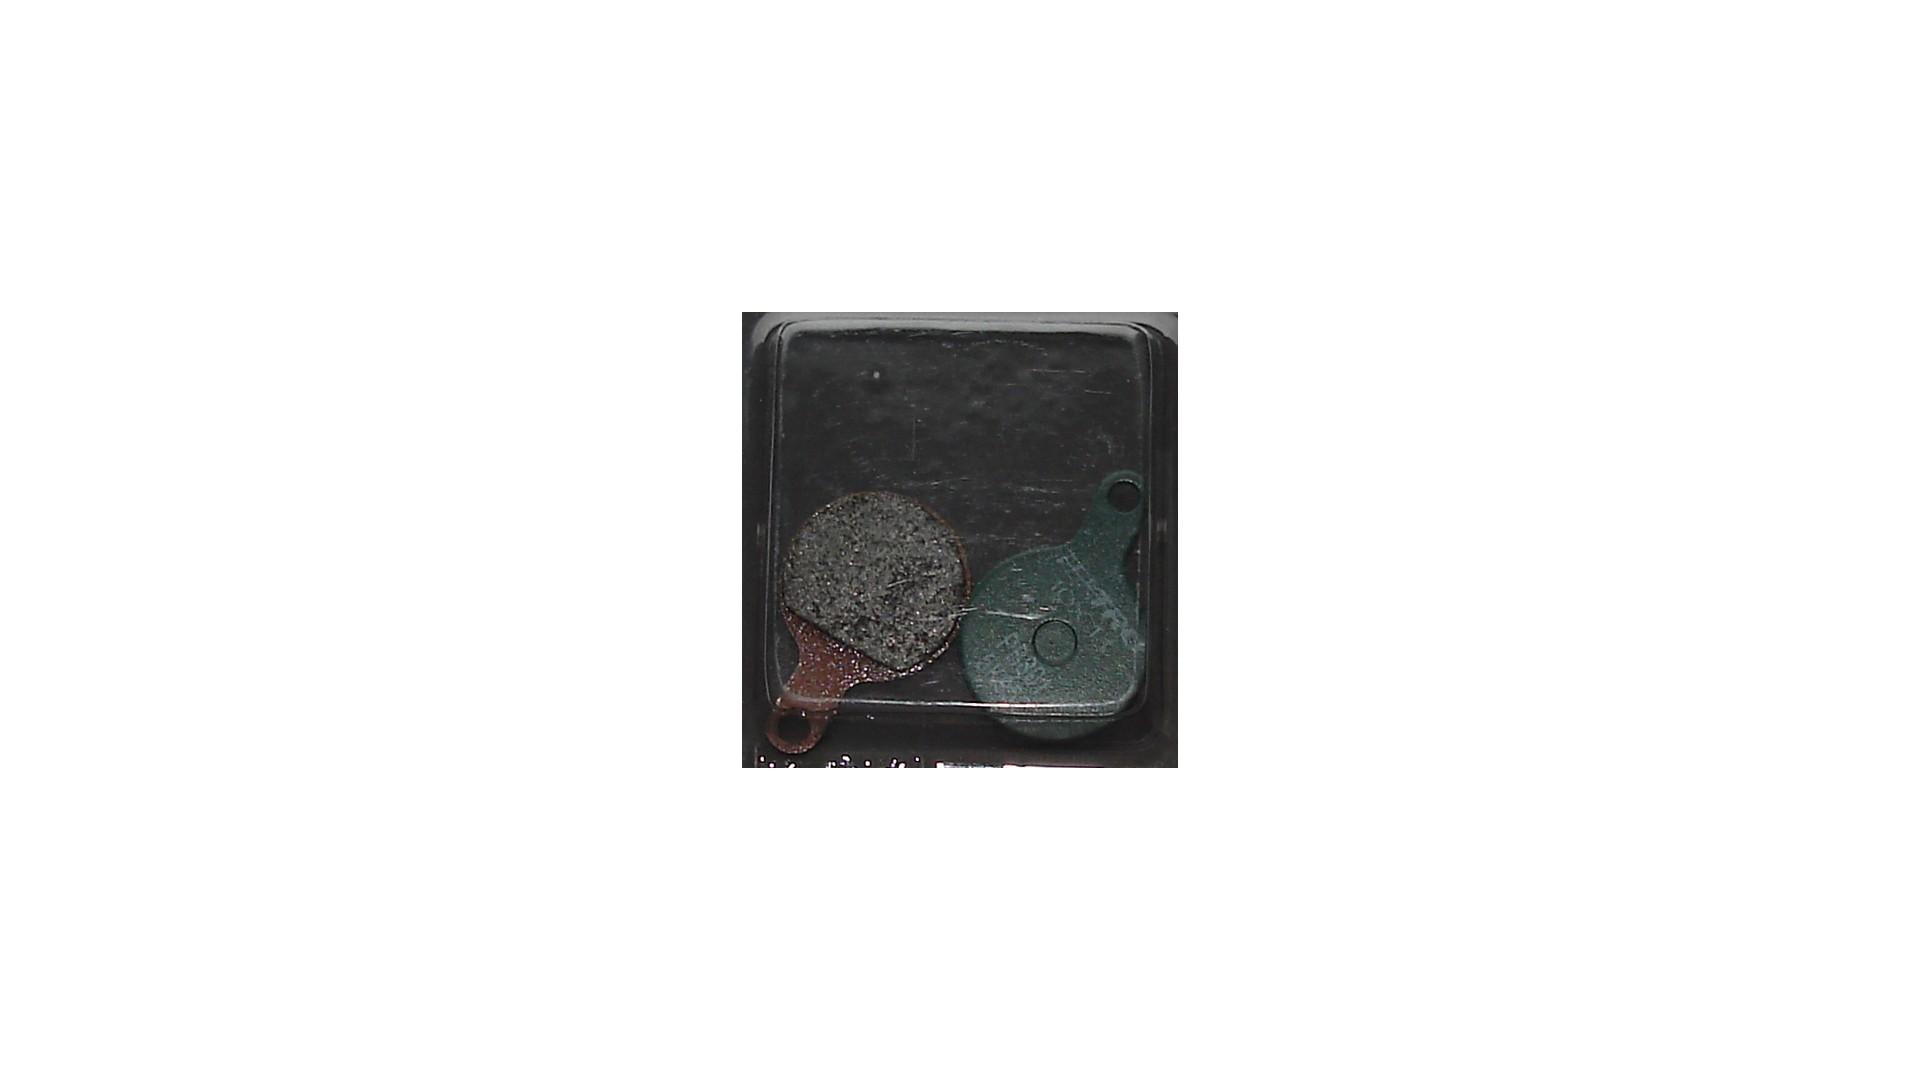 Тормозные колодки Tektro IOX.11 Novela для дисковых тормозов